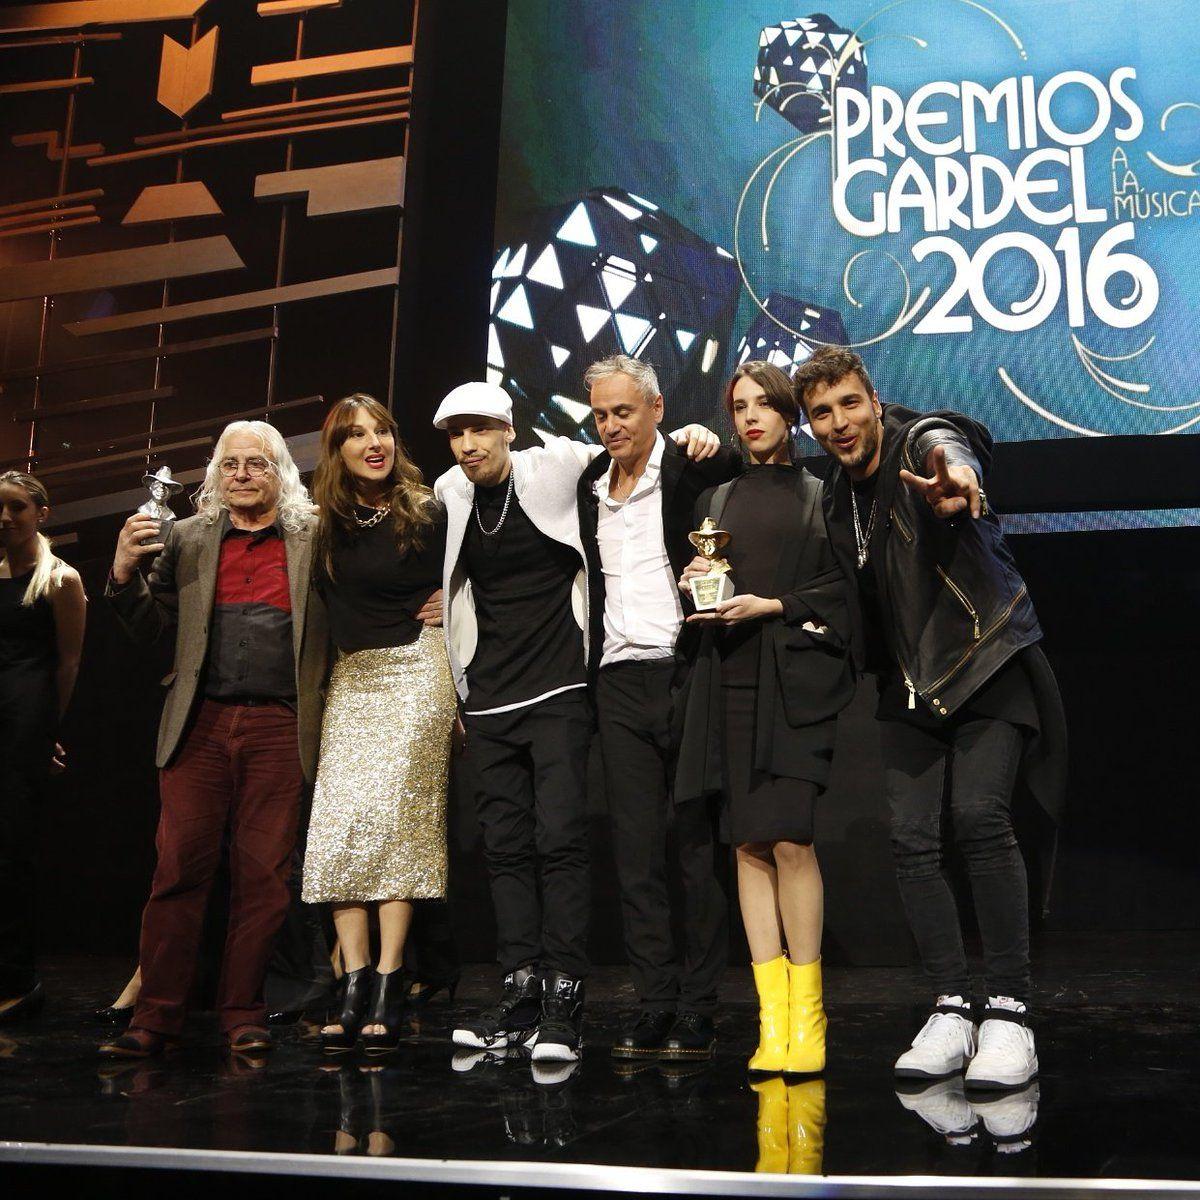 Premios Gardel 2016: el Oro y todos los ganadores